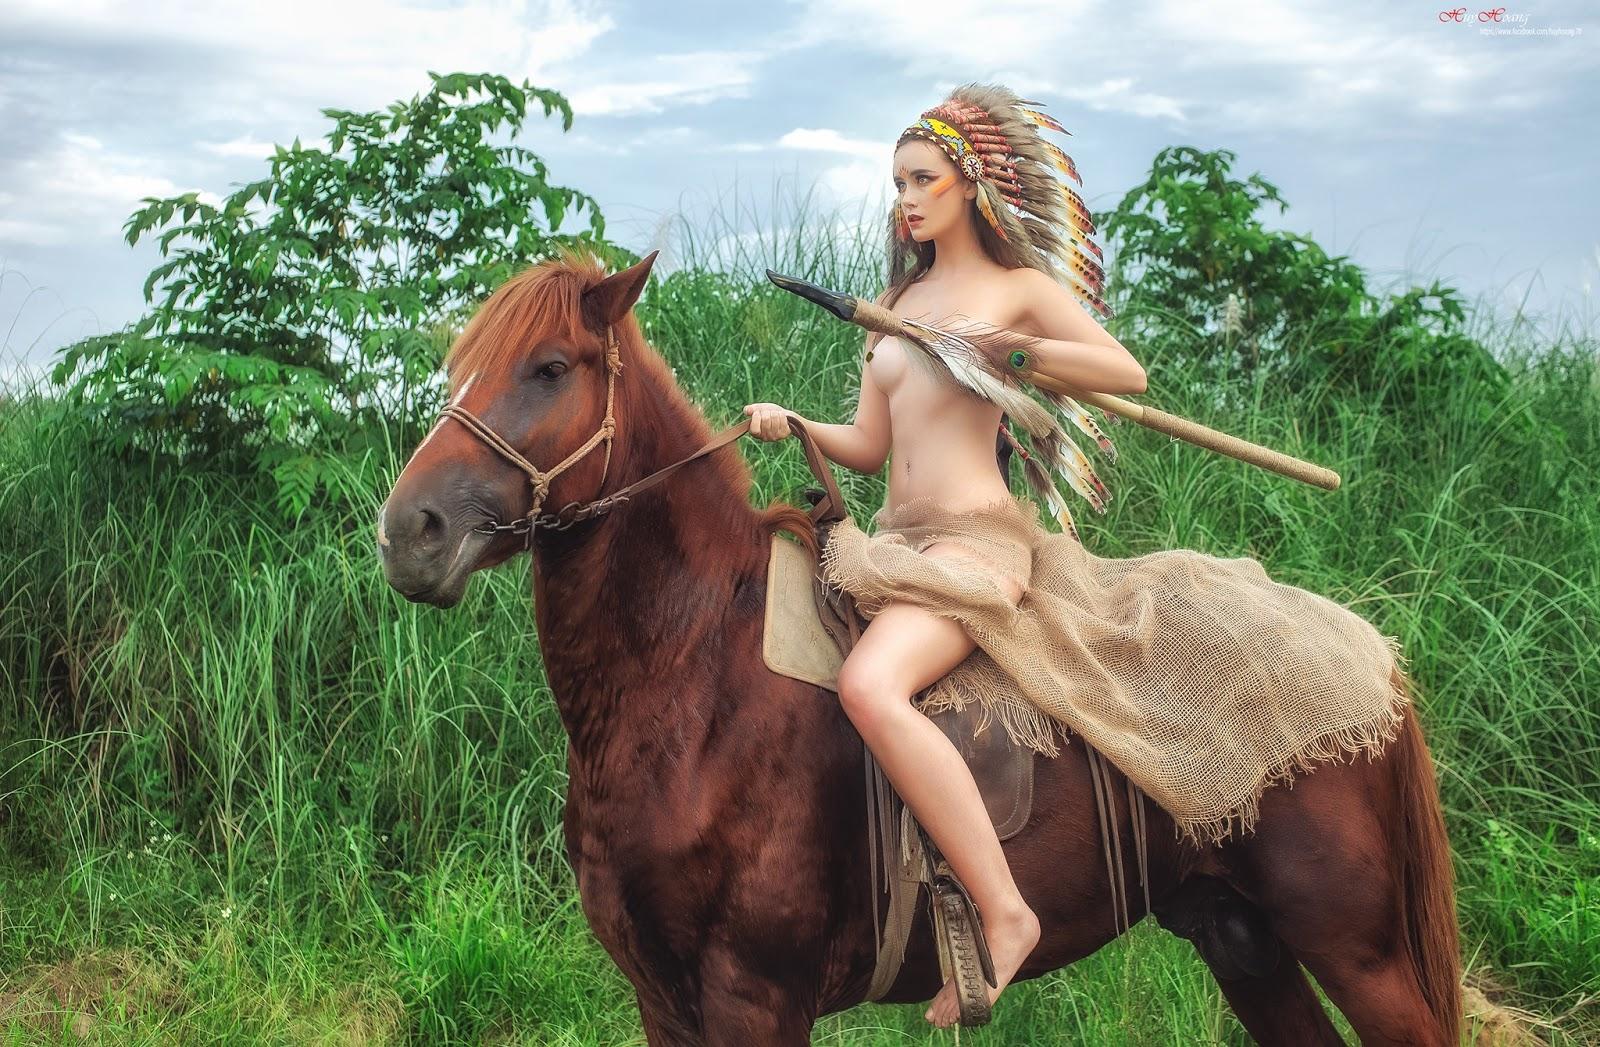 Em thổ dân sexy @BaoBua: Việt Nam Nude Girl